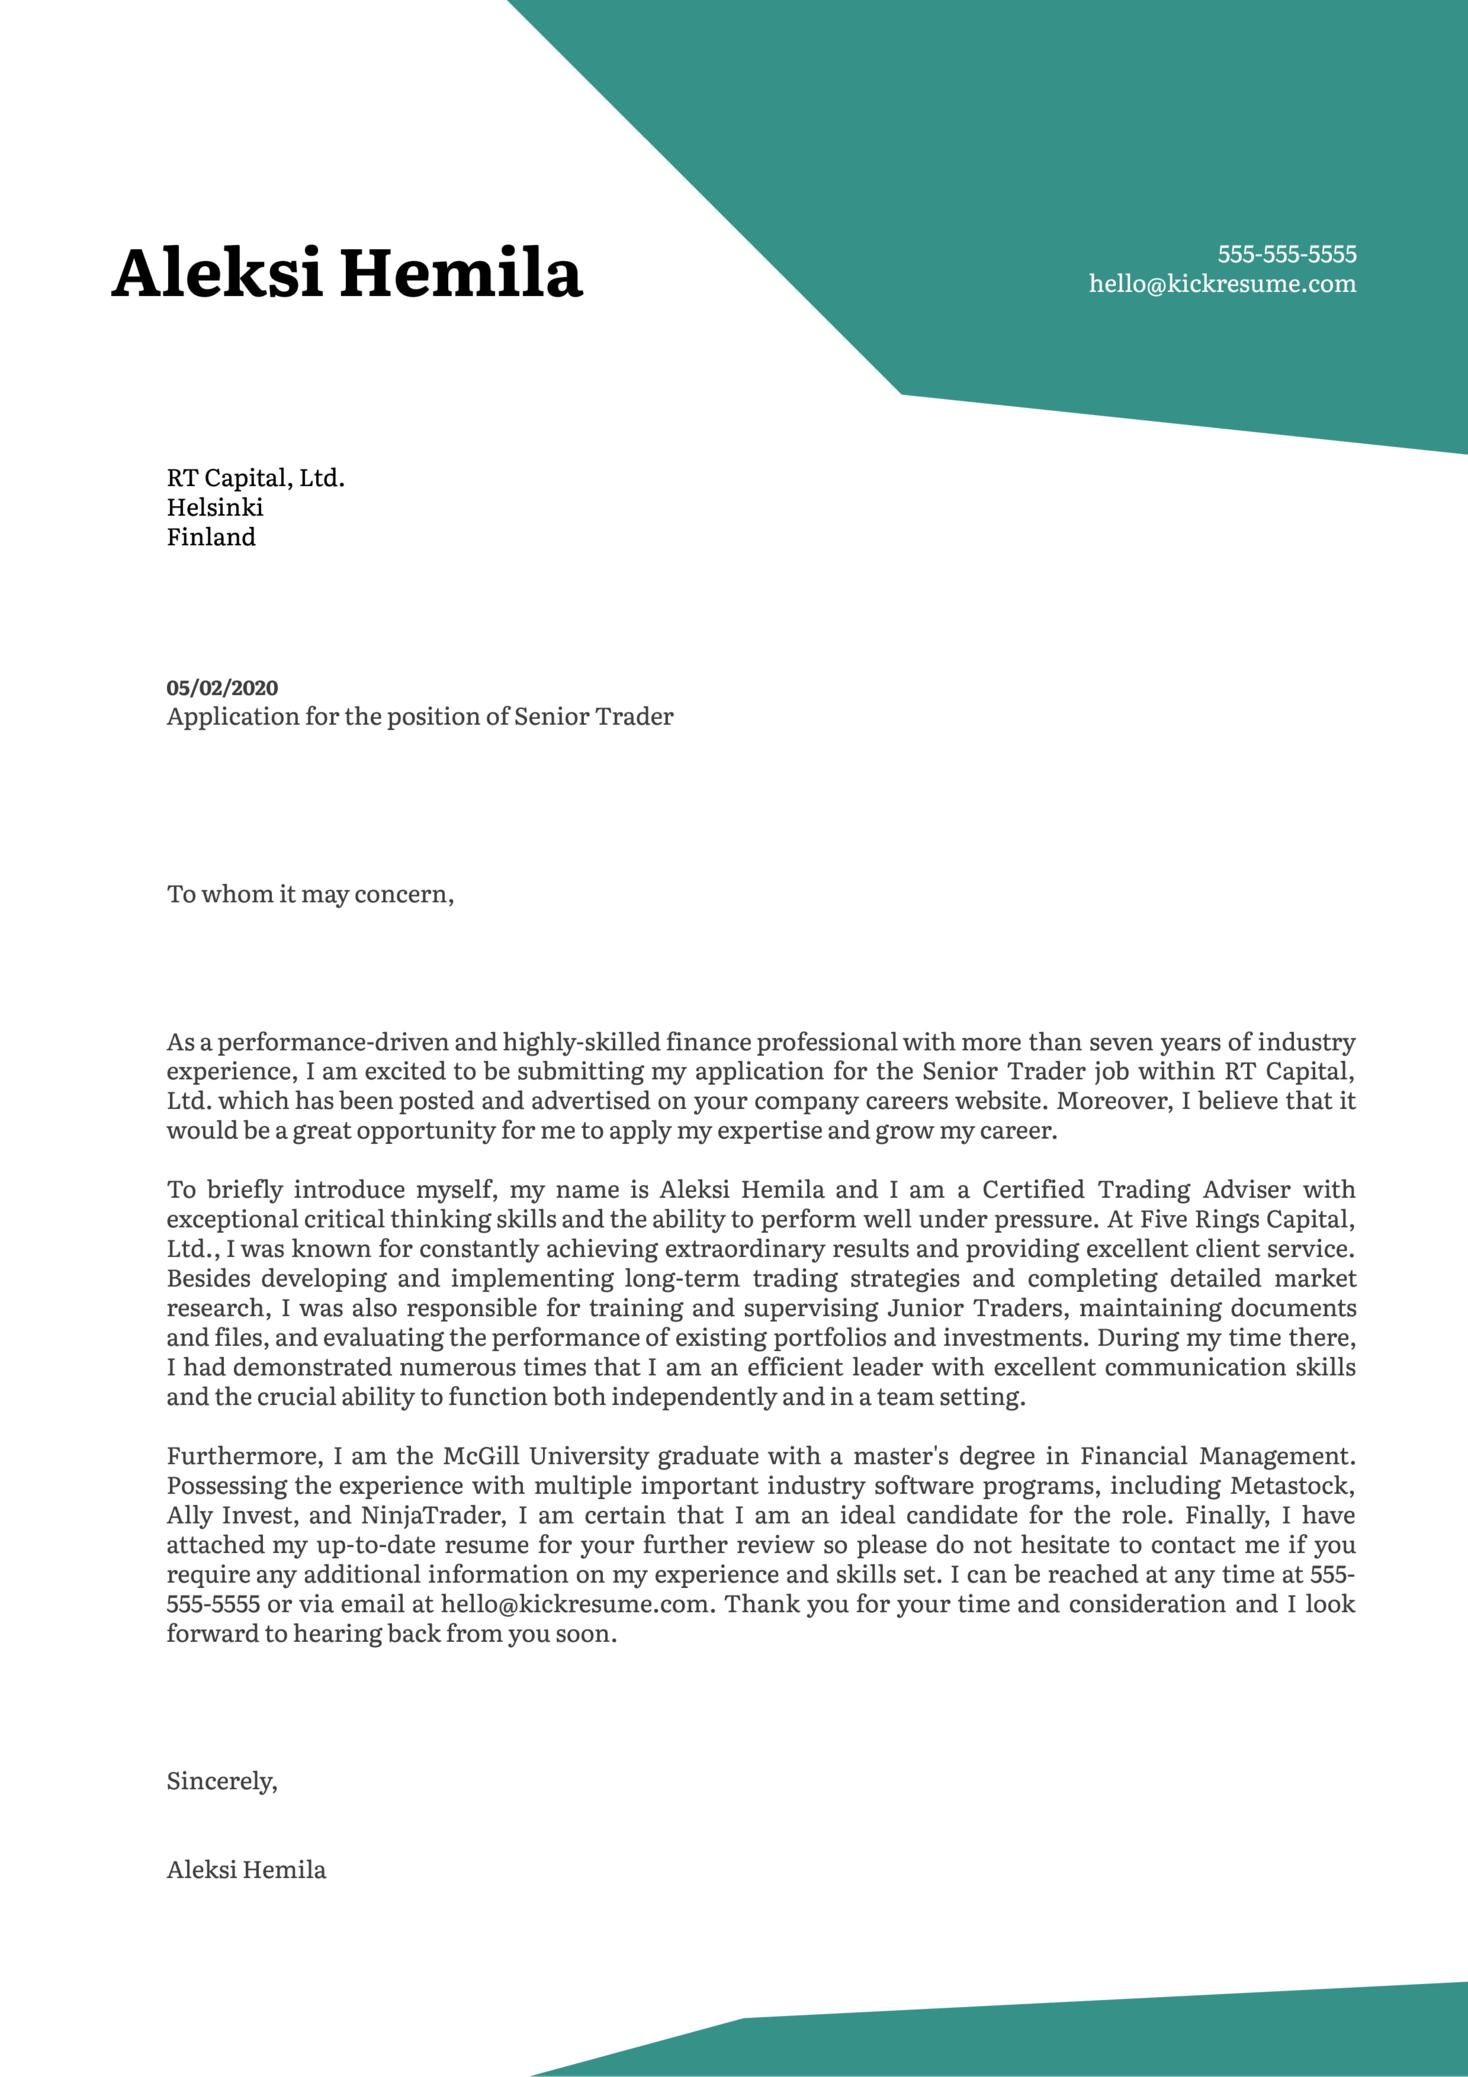 Senior Trader Cover Letter Example